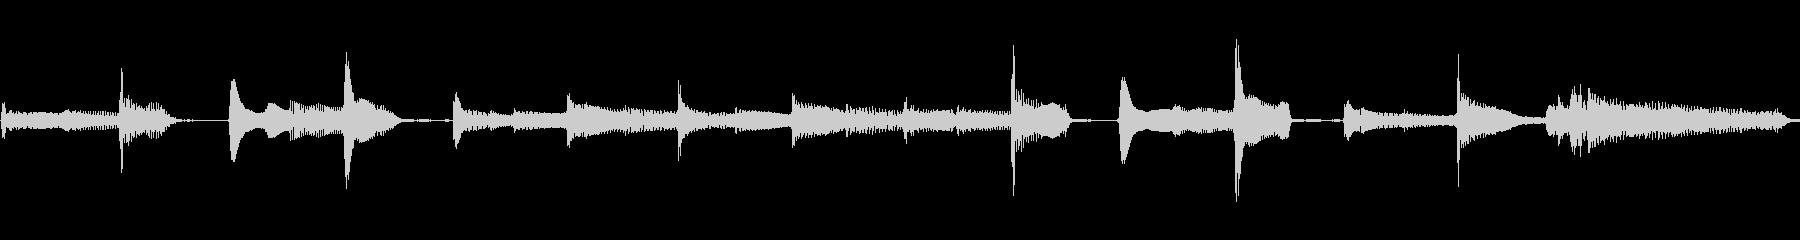 おもちゃギターの効果音の未再生の波形